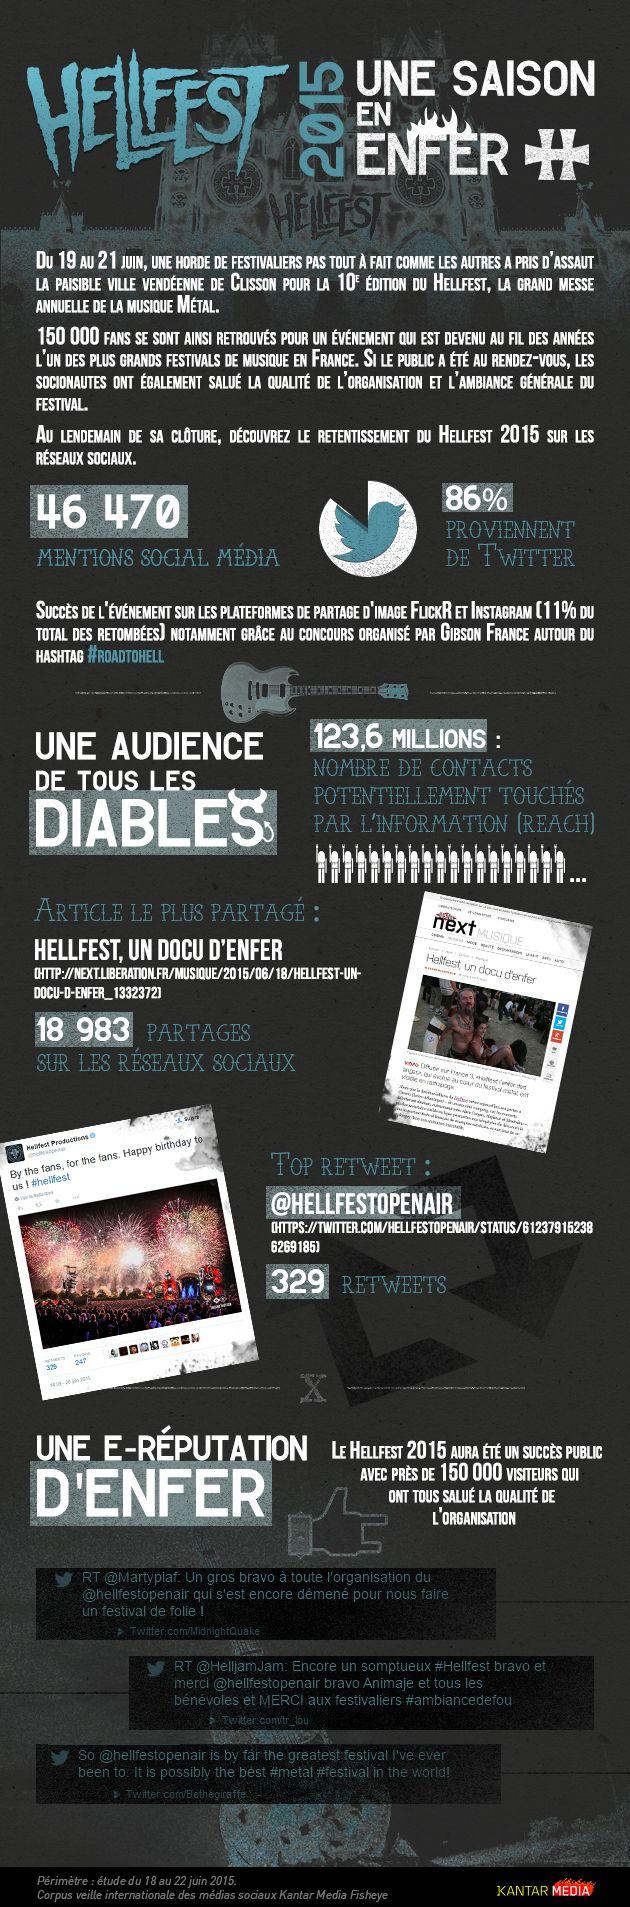 #Hellfest 2015 - Une saison en enfer. #infographie retombées sur les réseaux sociaux